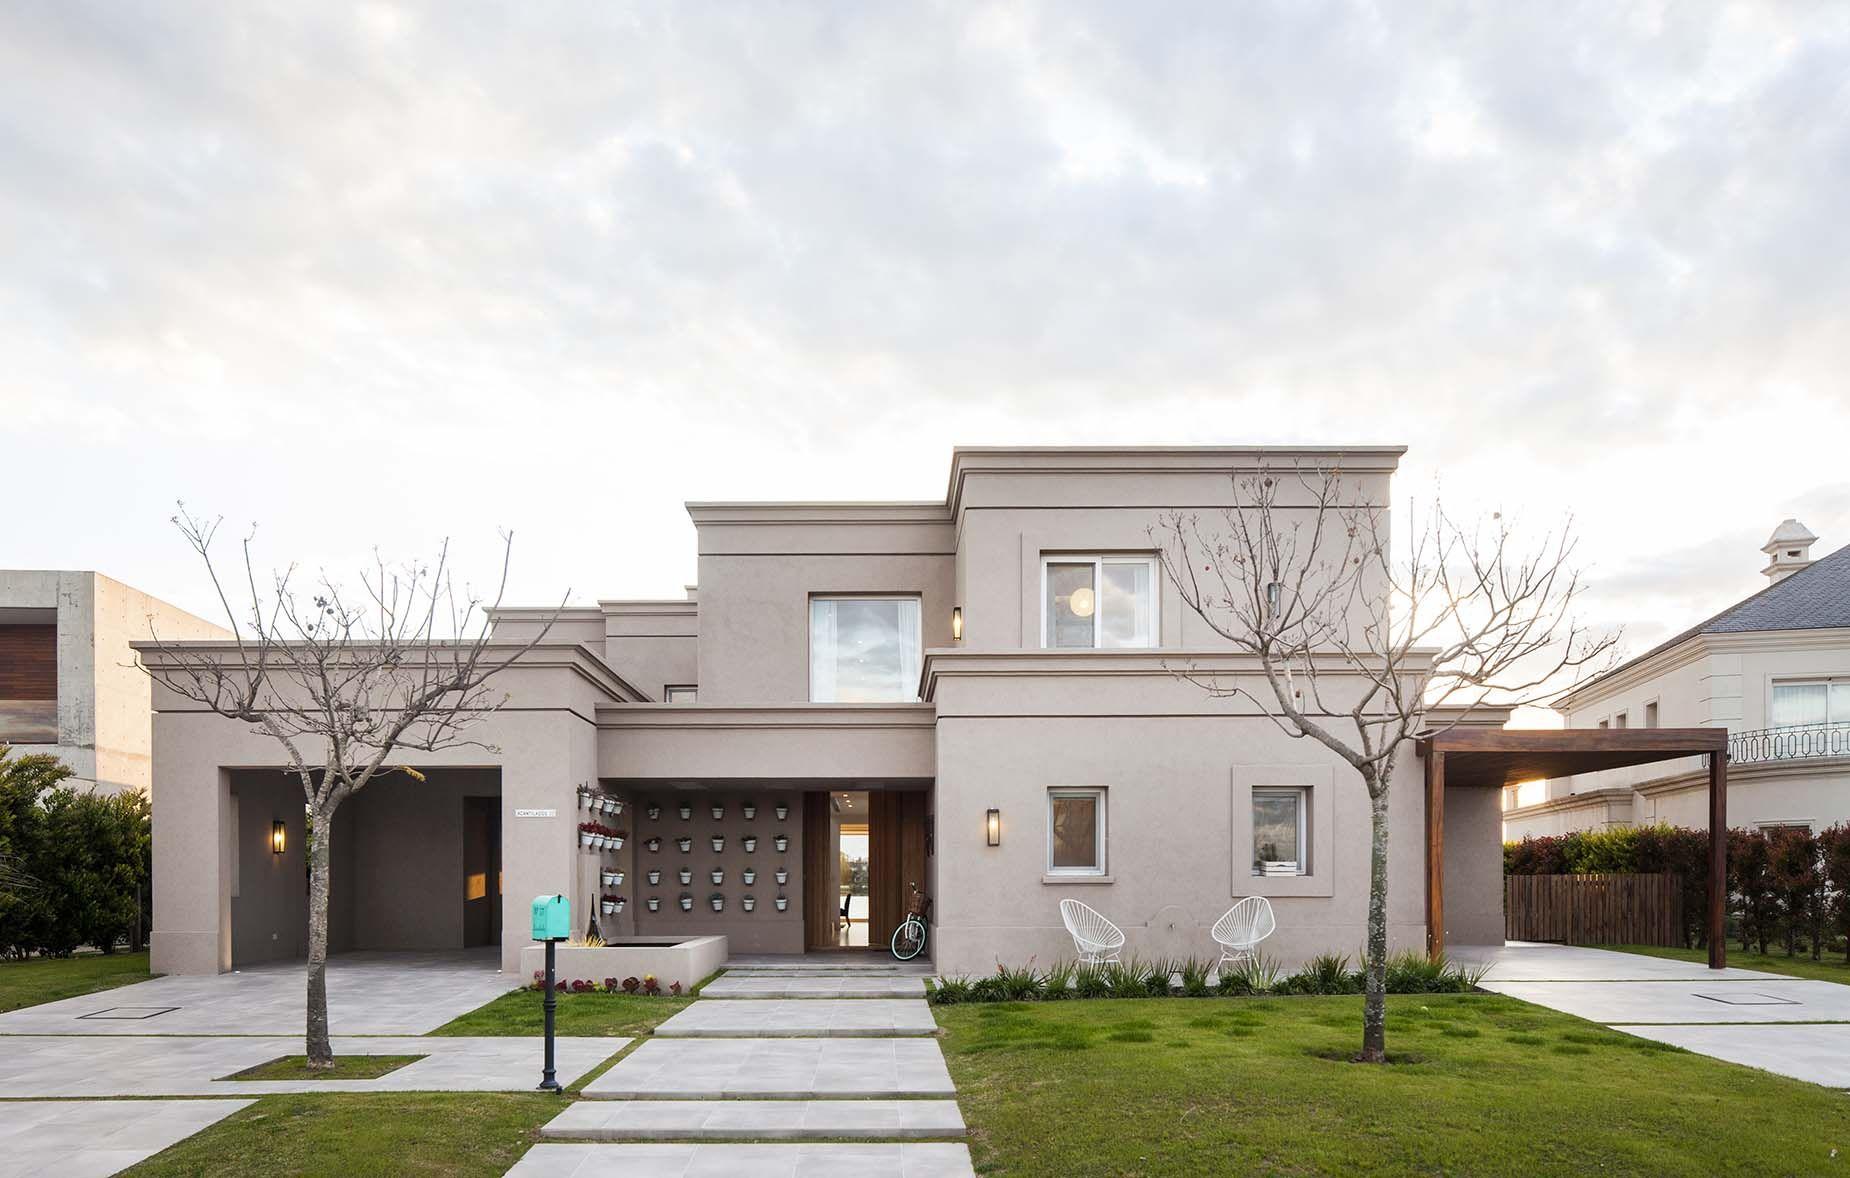 Arquitectura paisajismo ricardo pereyra iraola for Fachadas de casas clasicas pequenas